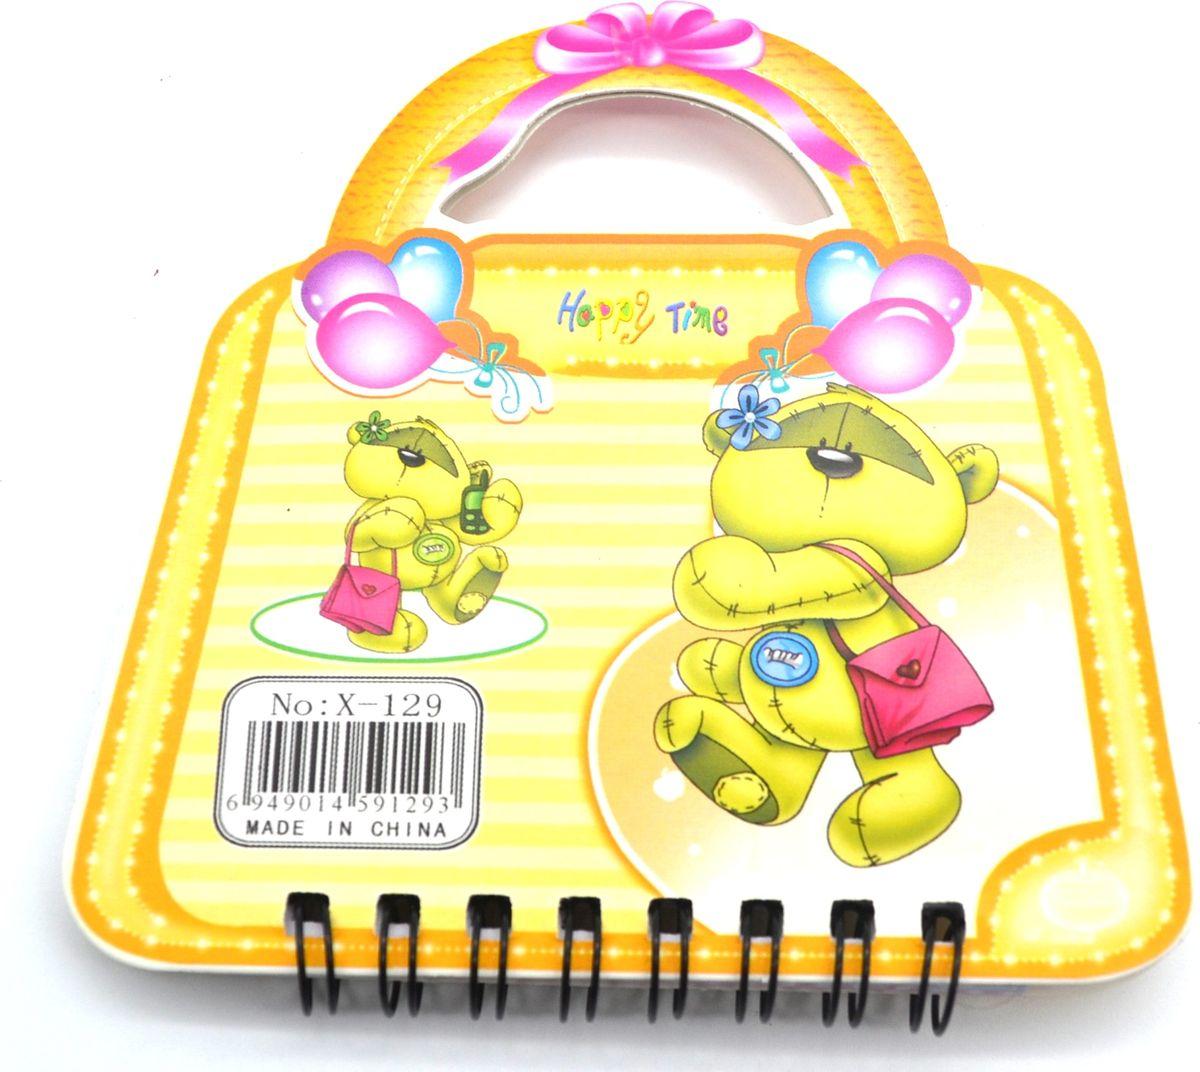 Карамба Блокнот Мишка на сумочке 50 листов в линейку цвет желтый3569Блокнот Карамба Мишка на сумочке с объемным изображением мишки на лицевой стороне выполнен в виде сумочки с ручками. Блокнот содержит 50 листов в линейку. Листики окрашены в голубой и зеленый цвета. На каждом листочке изображен мишка.